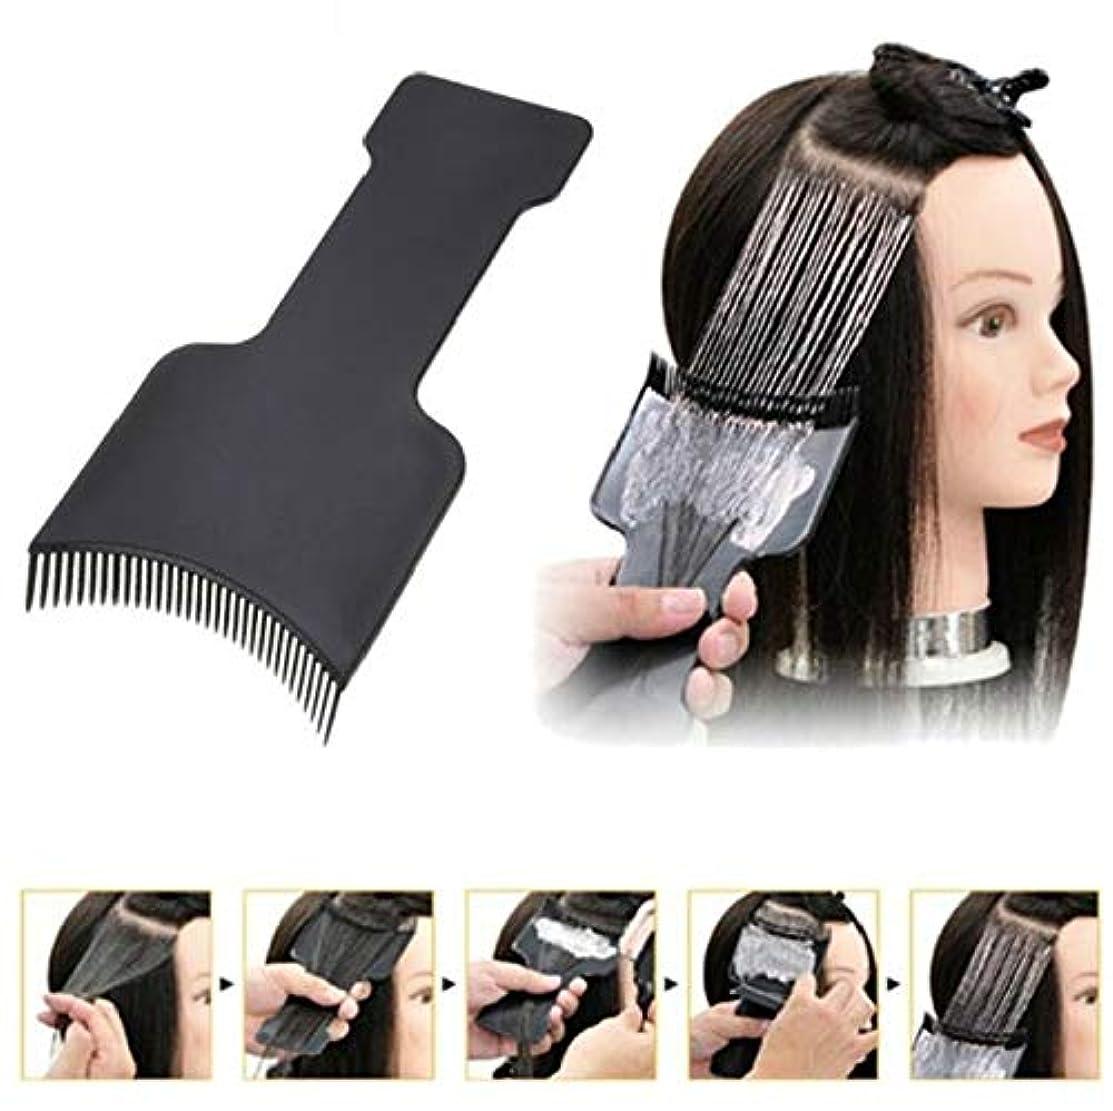 飛躍クロスカール2 Size/set Professional Fashion Hairdressing Hair Applicator Brush Dispensing Salon Hair Coloring Dyeing Pick...